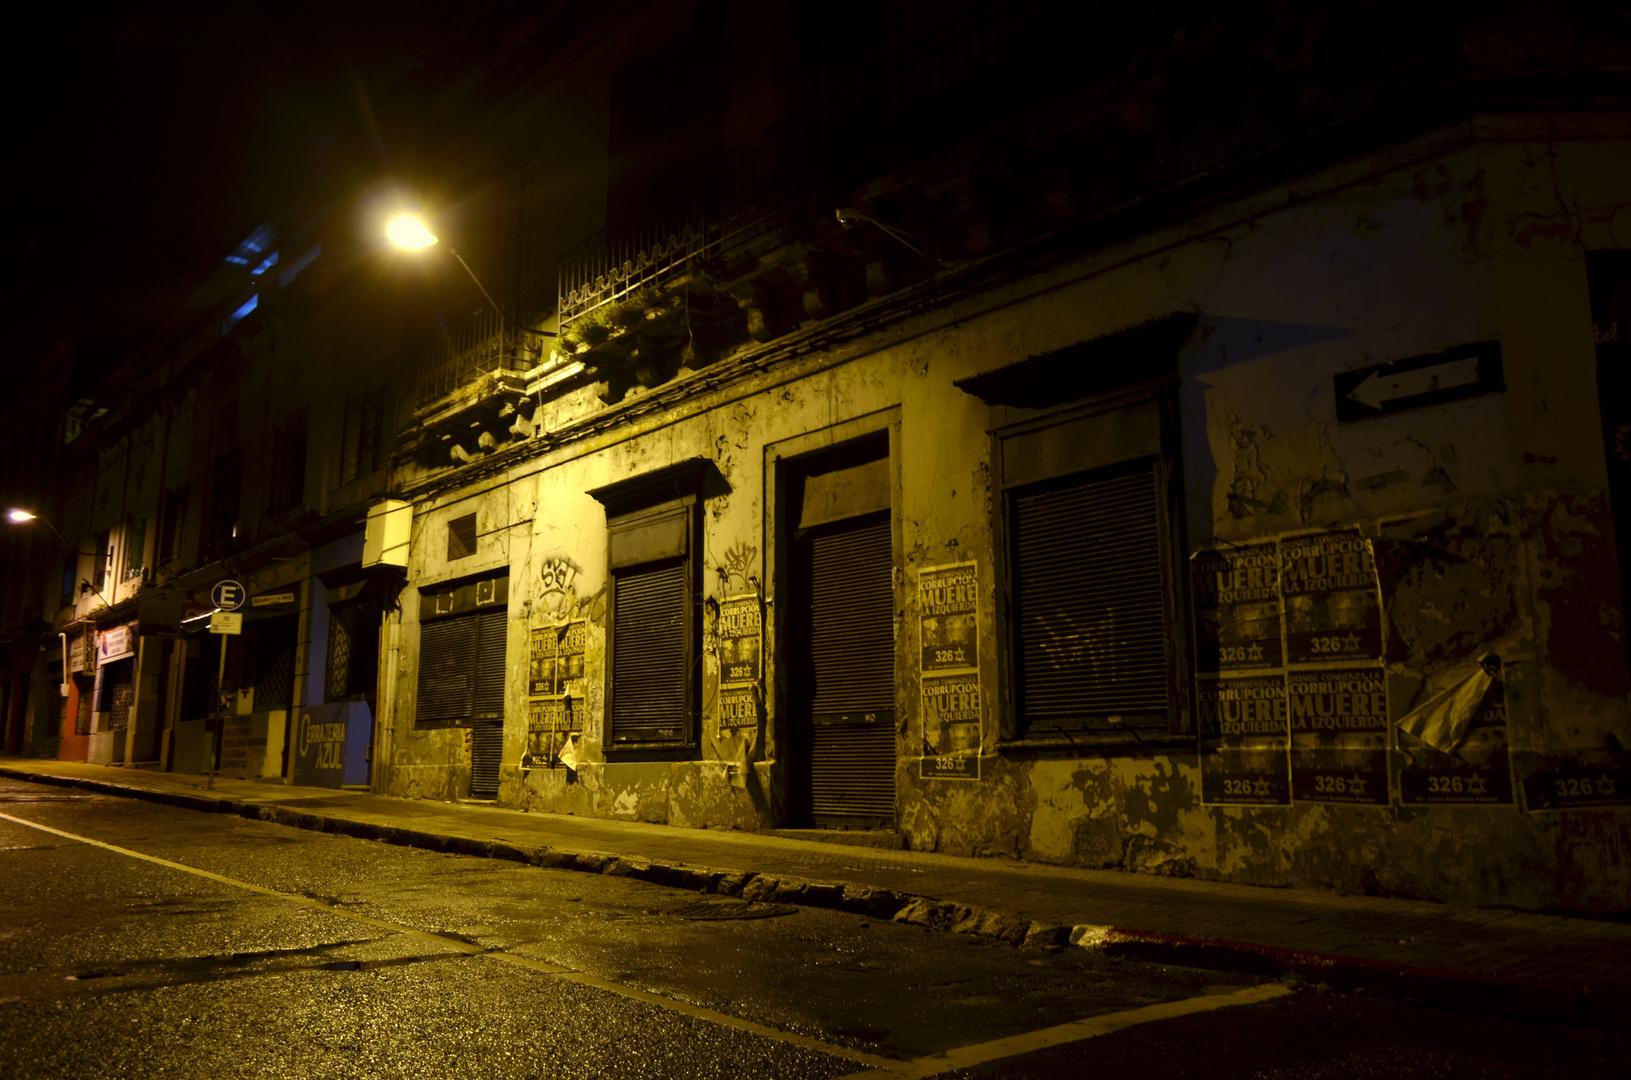 NOCHE EN LA CIUDAD VIEJA (Montevideo, Uruguay) Imagen